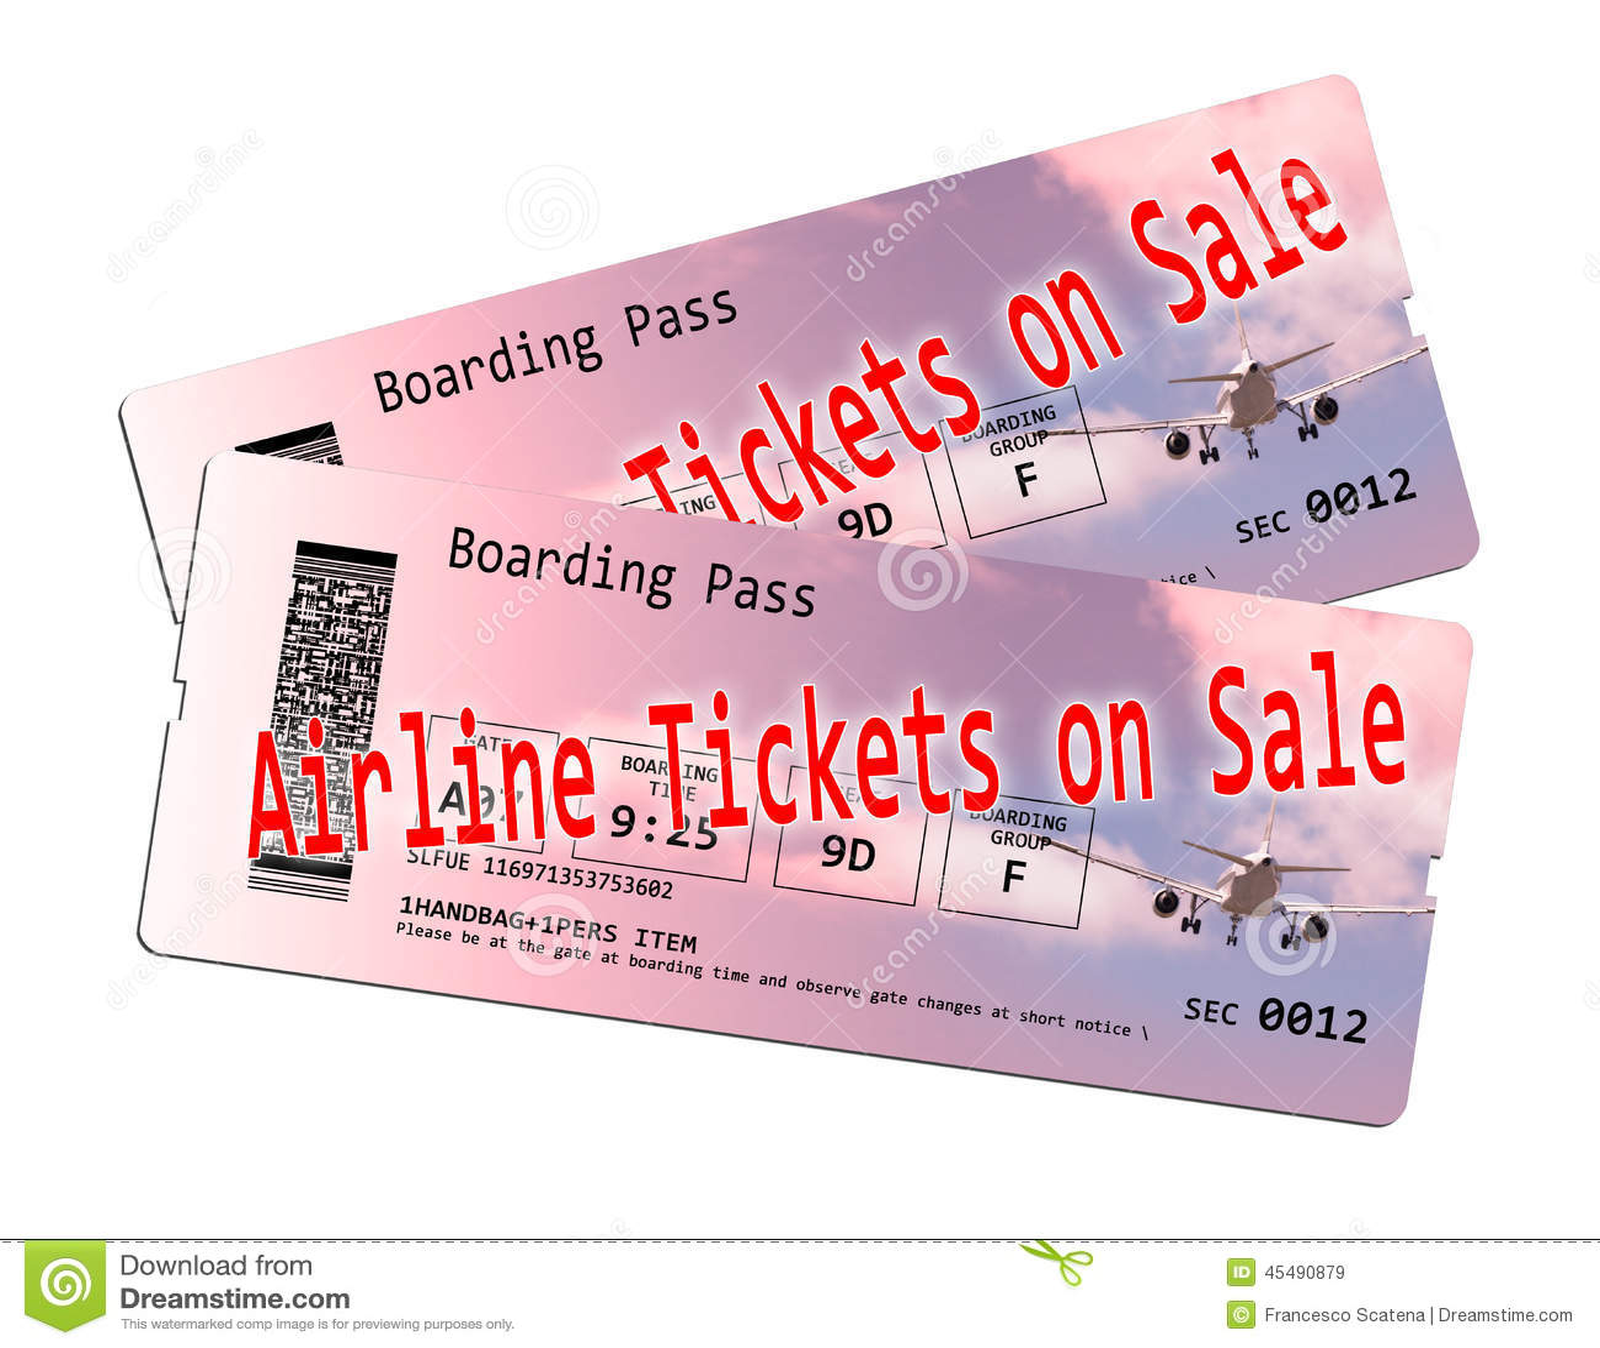 在销售中的飞机票